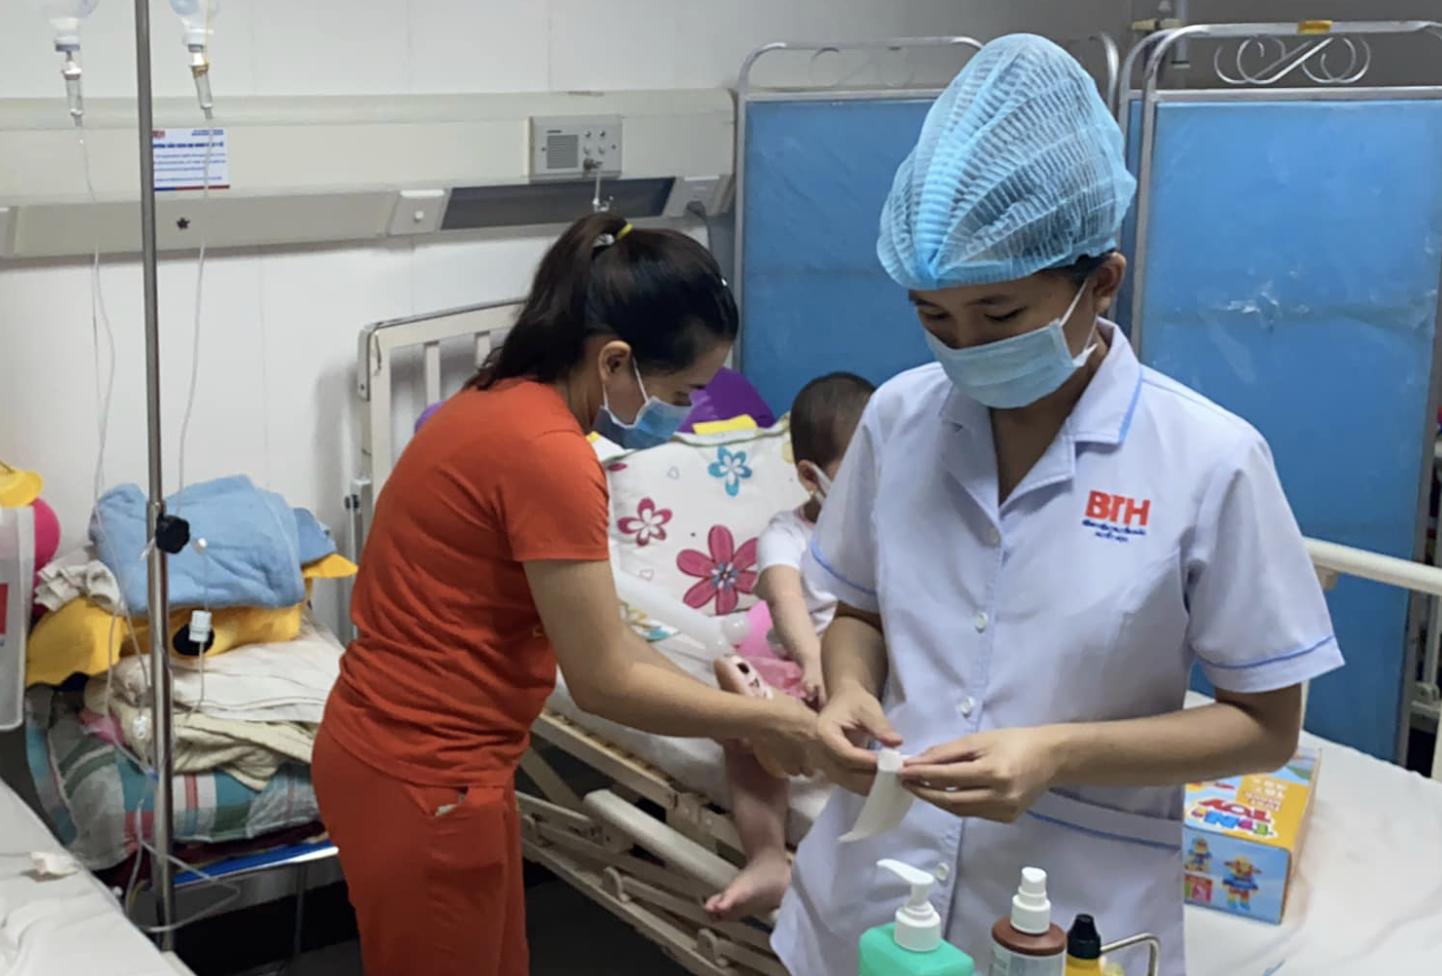 """Vụ bệnh viện ở TP.HCM bị """"tố"""" truyền hóa chất hết hạn cho bé 4 tuổi suy tuỷ: Bệnh viện nói thuốc không độc - Ảnh 2."""